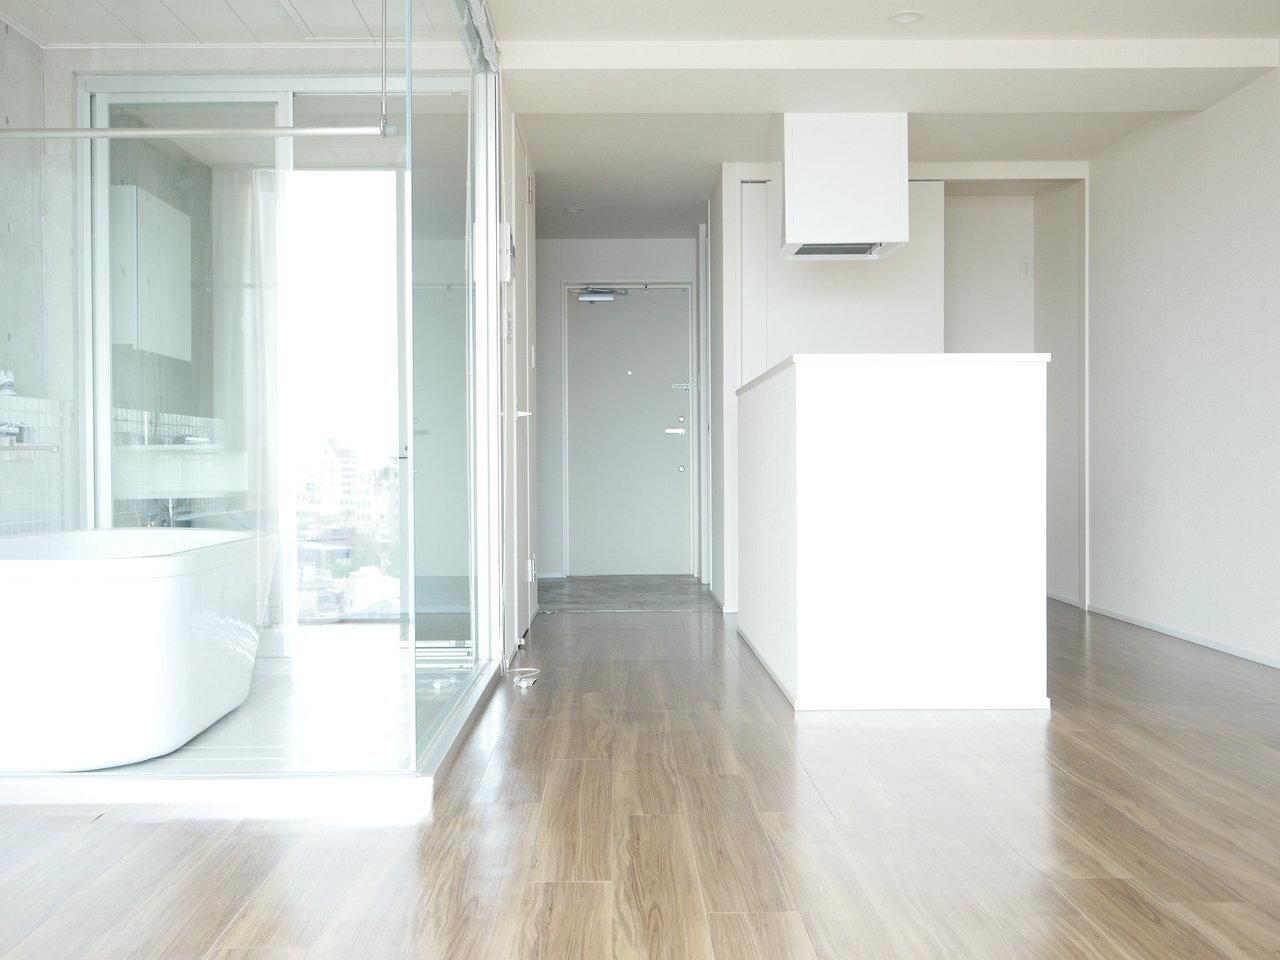 リビングは16.1畳。日中は玄関も照明いらずなほど、明るい陽射しが降り注ぐ室内。さあ、あなたはこのバスルームを中心に、どんなお部屋をつくりますか。